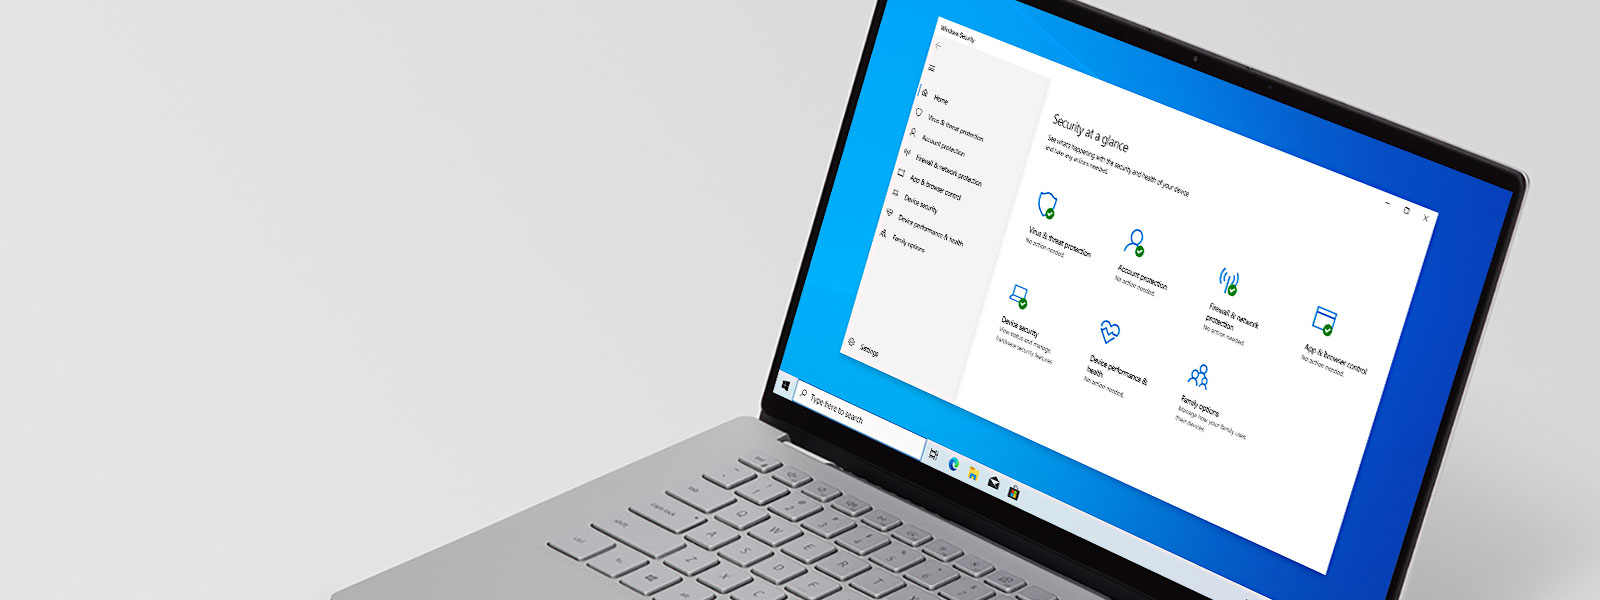 แล็ปท็อป Windows 10 ที่แสดงหน้าต่างโปรแกรมป้องกันไวรัสของ Microsoft Defender